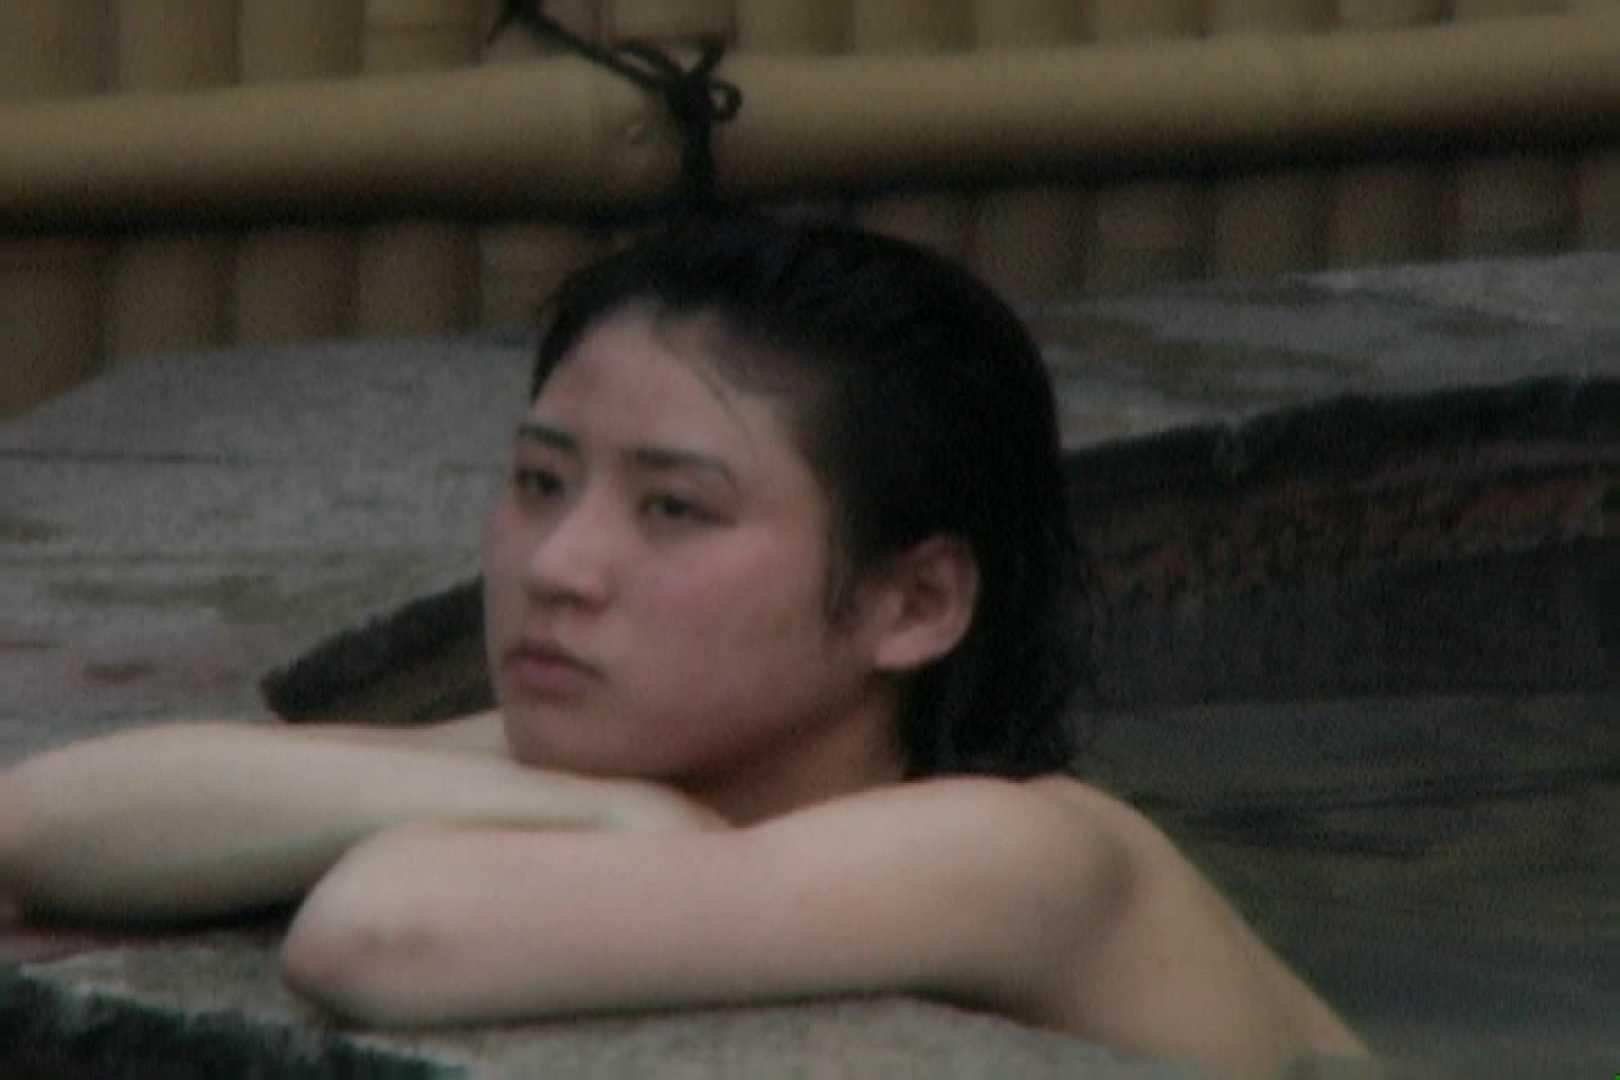 高画質露天女風呂観察 vol.004 乙女のエロ動画 盗撮画像 99PIX 81